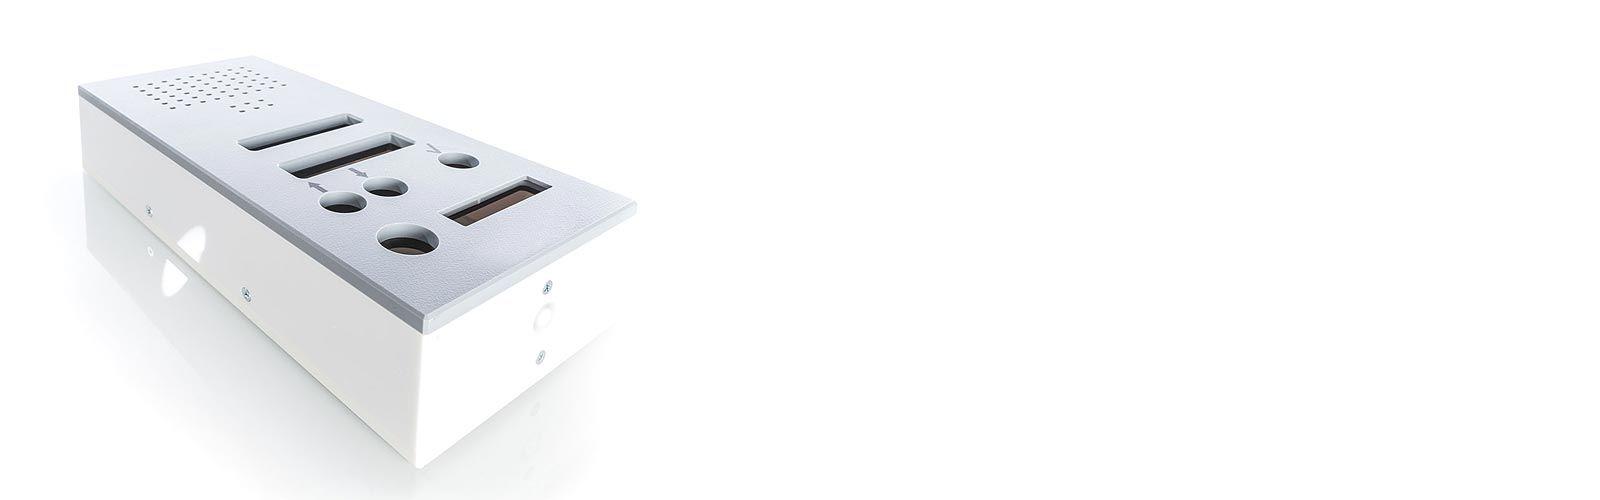 Mentec Kunststoffgehäuse für Sprechanlagen / Gegensprechanlagen